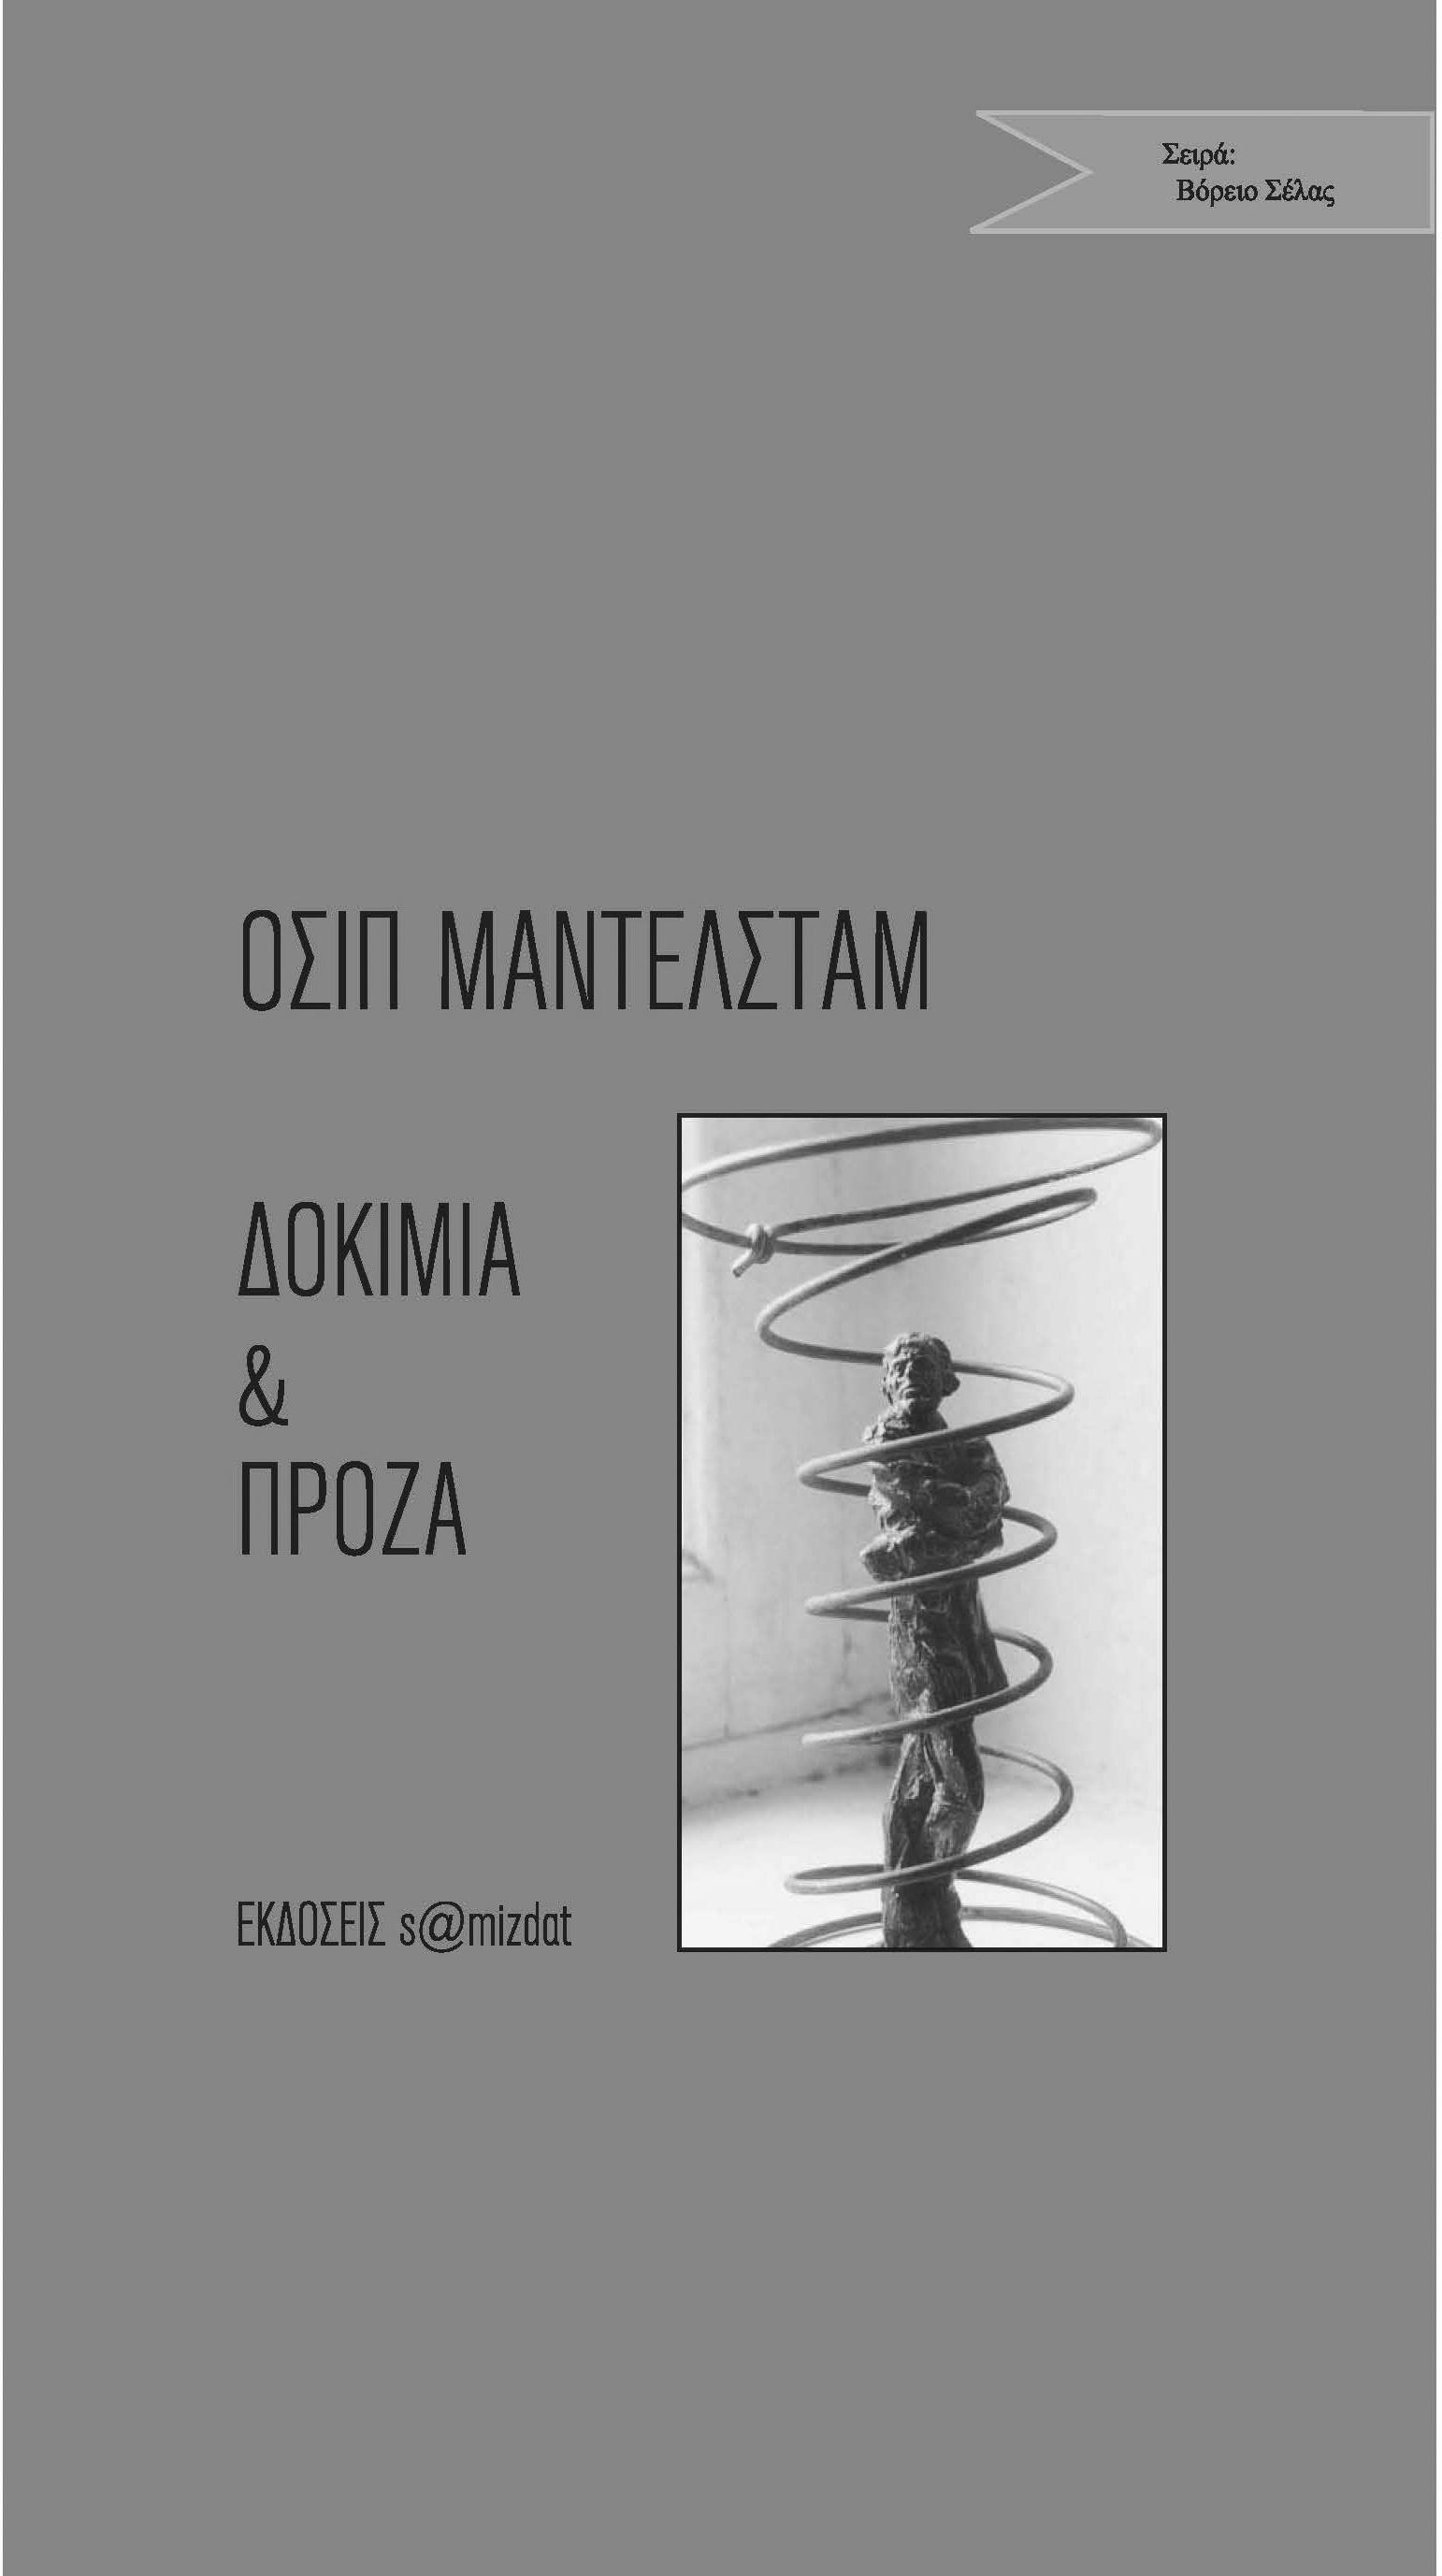 Οσίπ Μαντελστάμ Δοκίμια και πρόζα